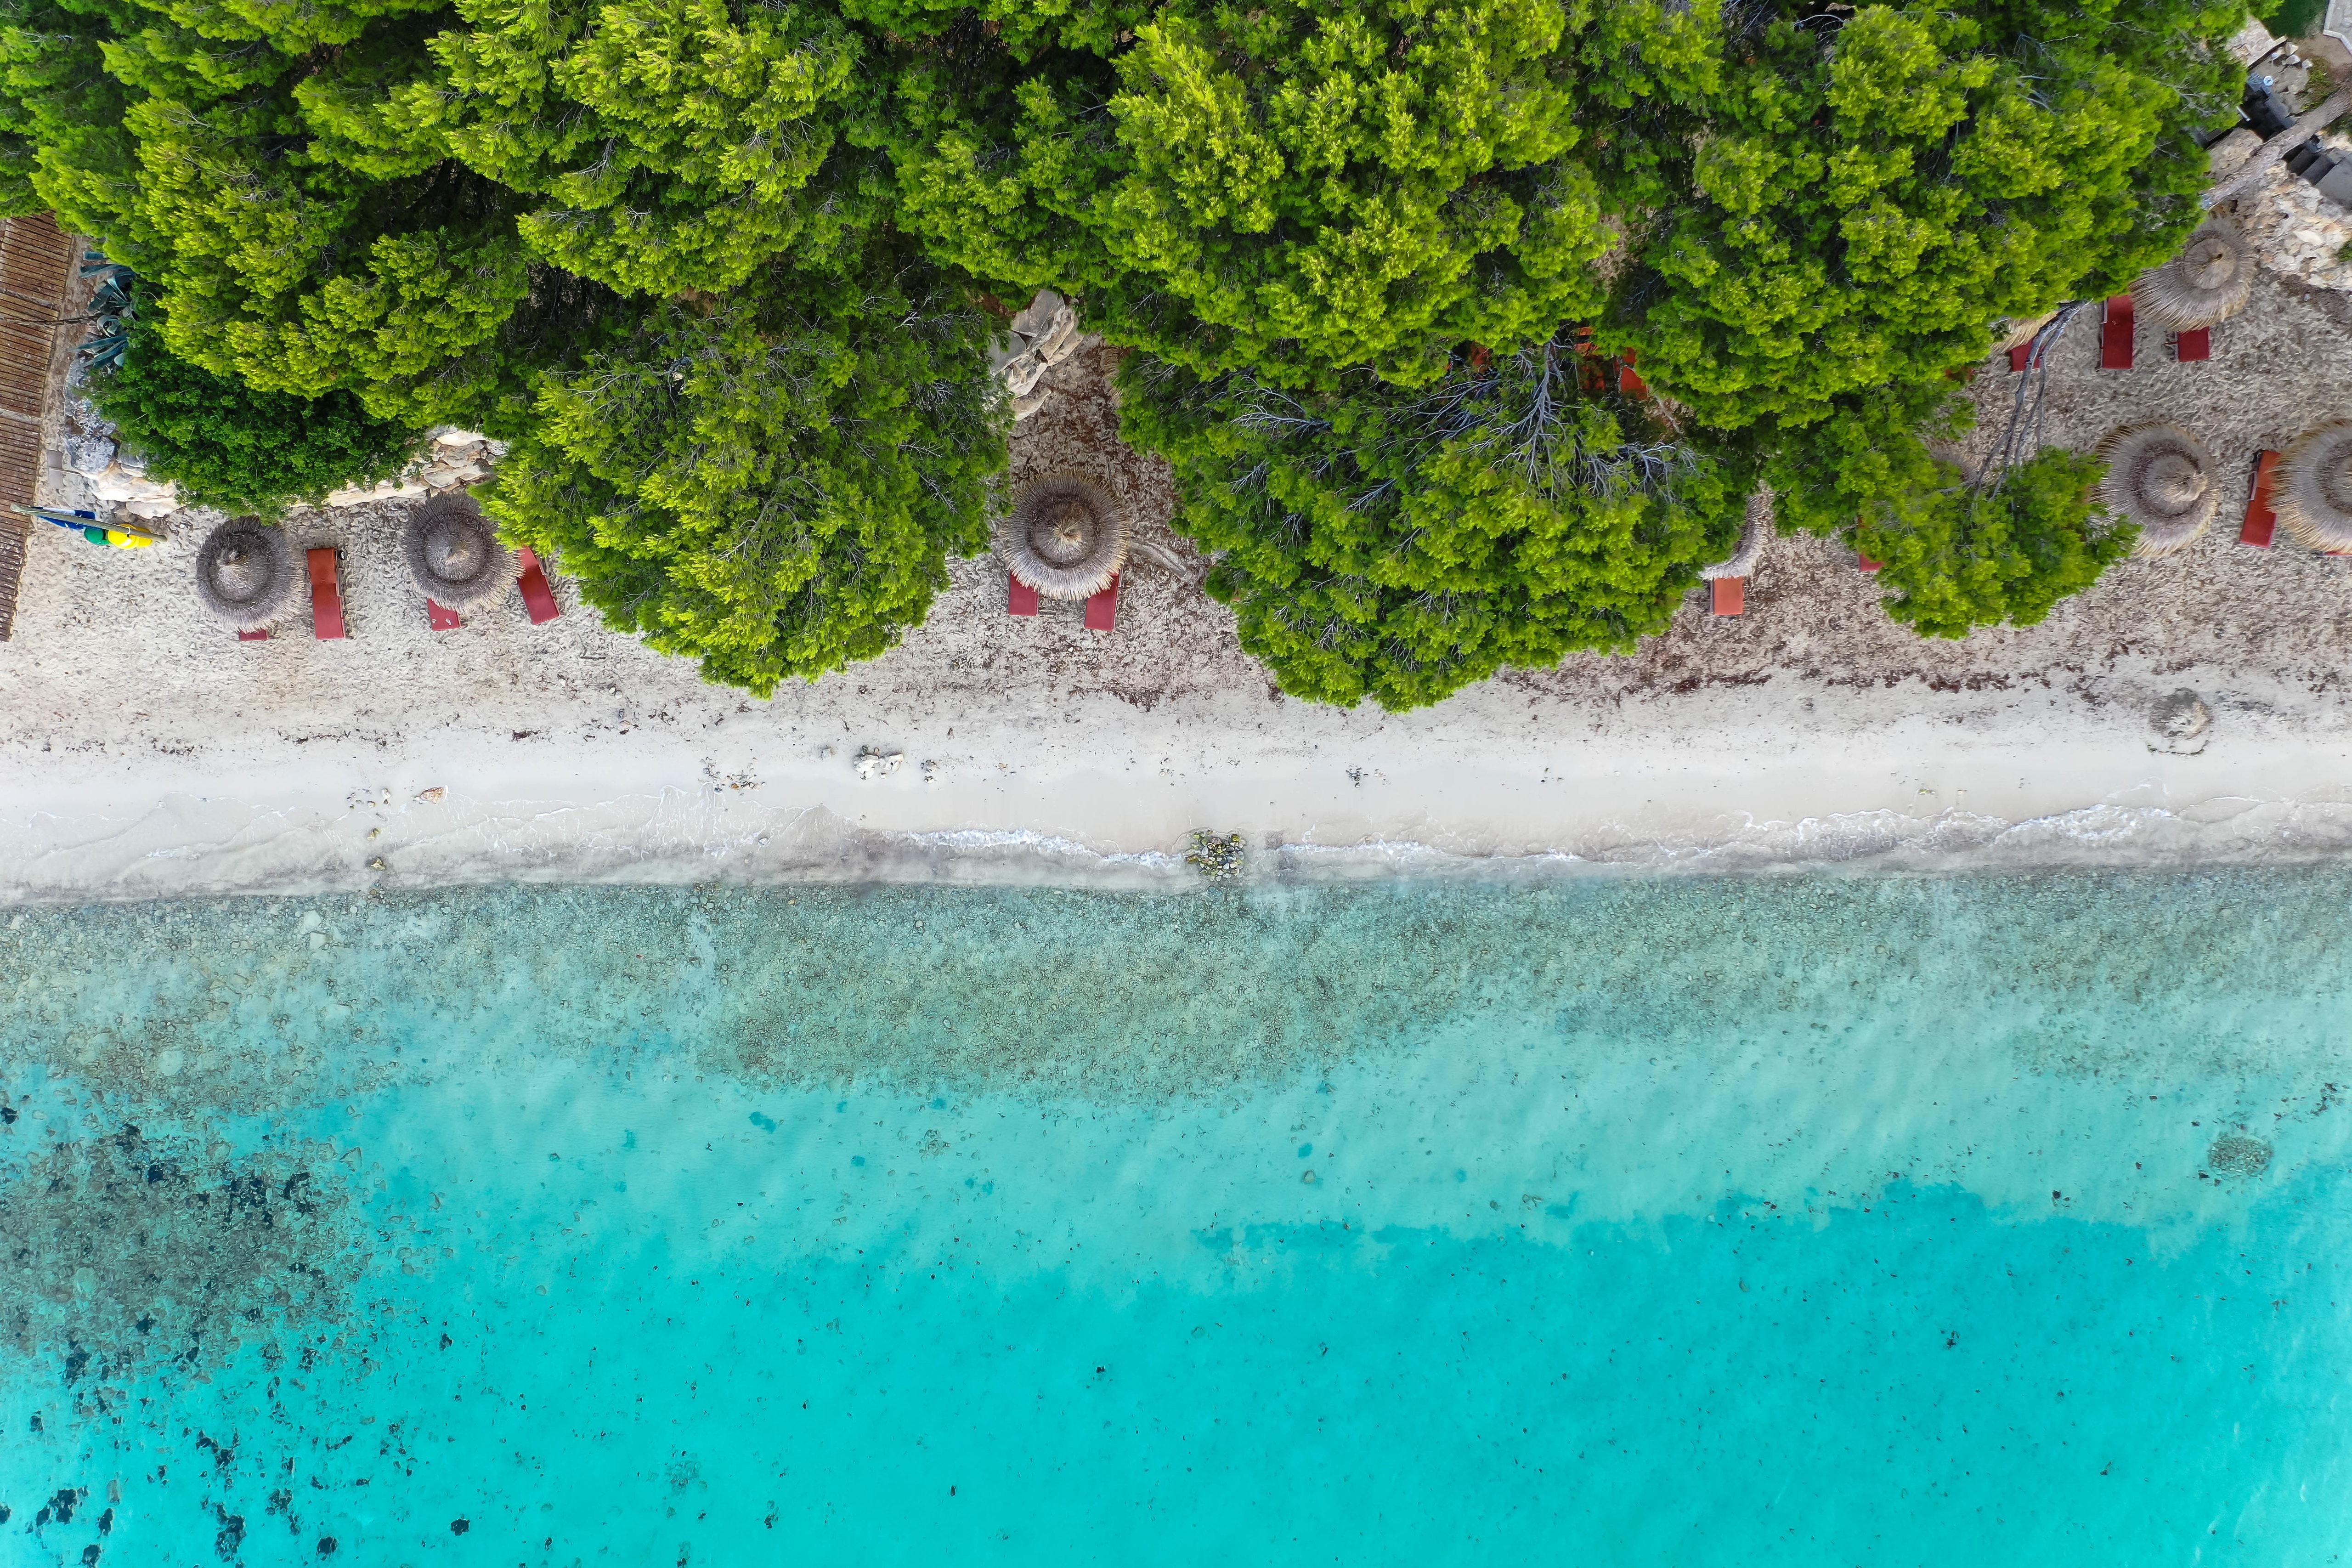 143012壁紙のダウンロード自然, ビーチ, 傘, 海, 上から見る, 木-スクリーンセーバーと写真を無料で